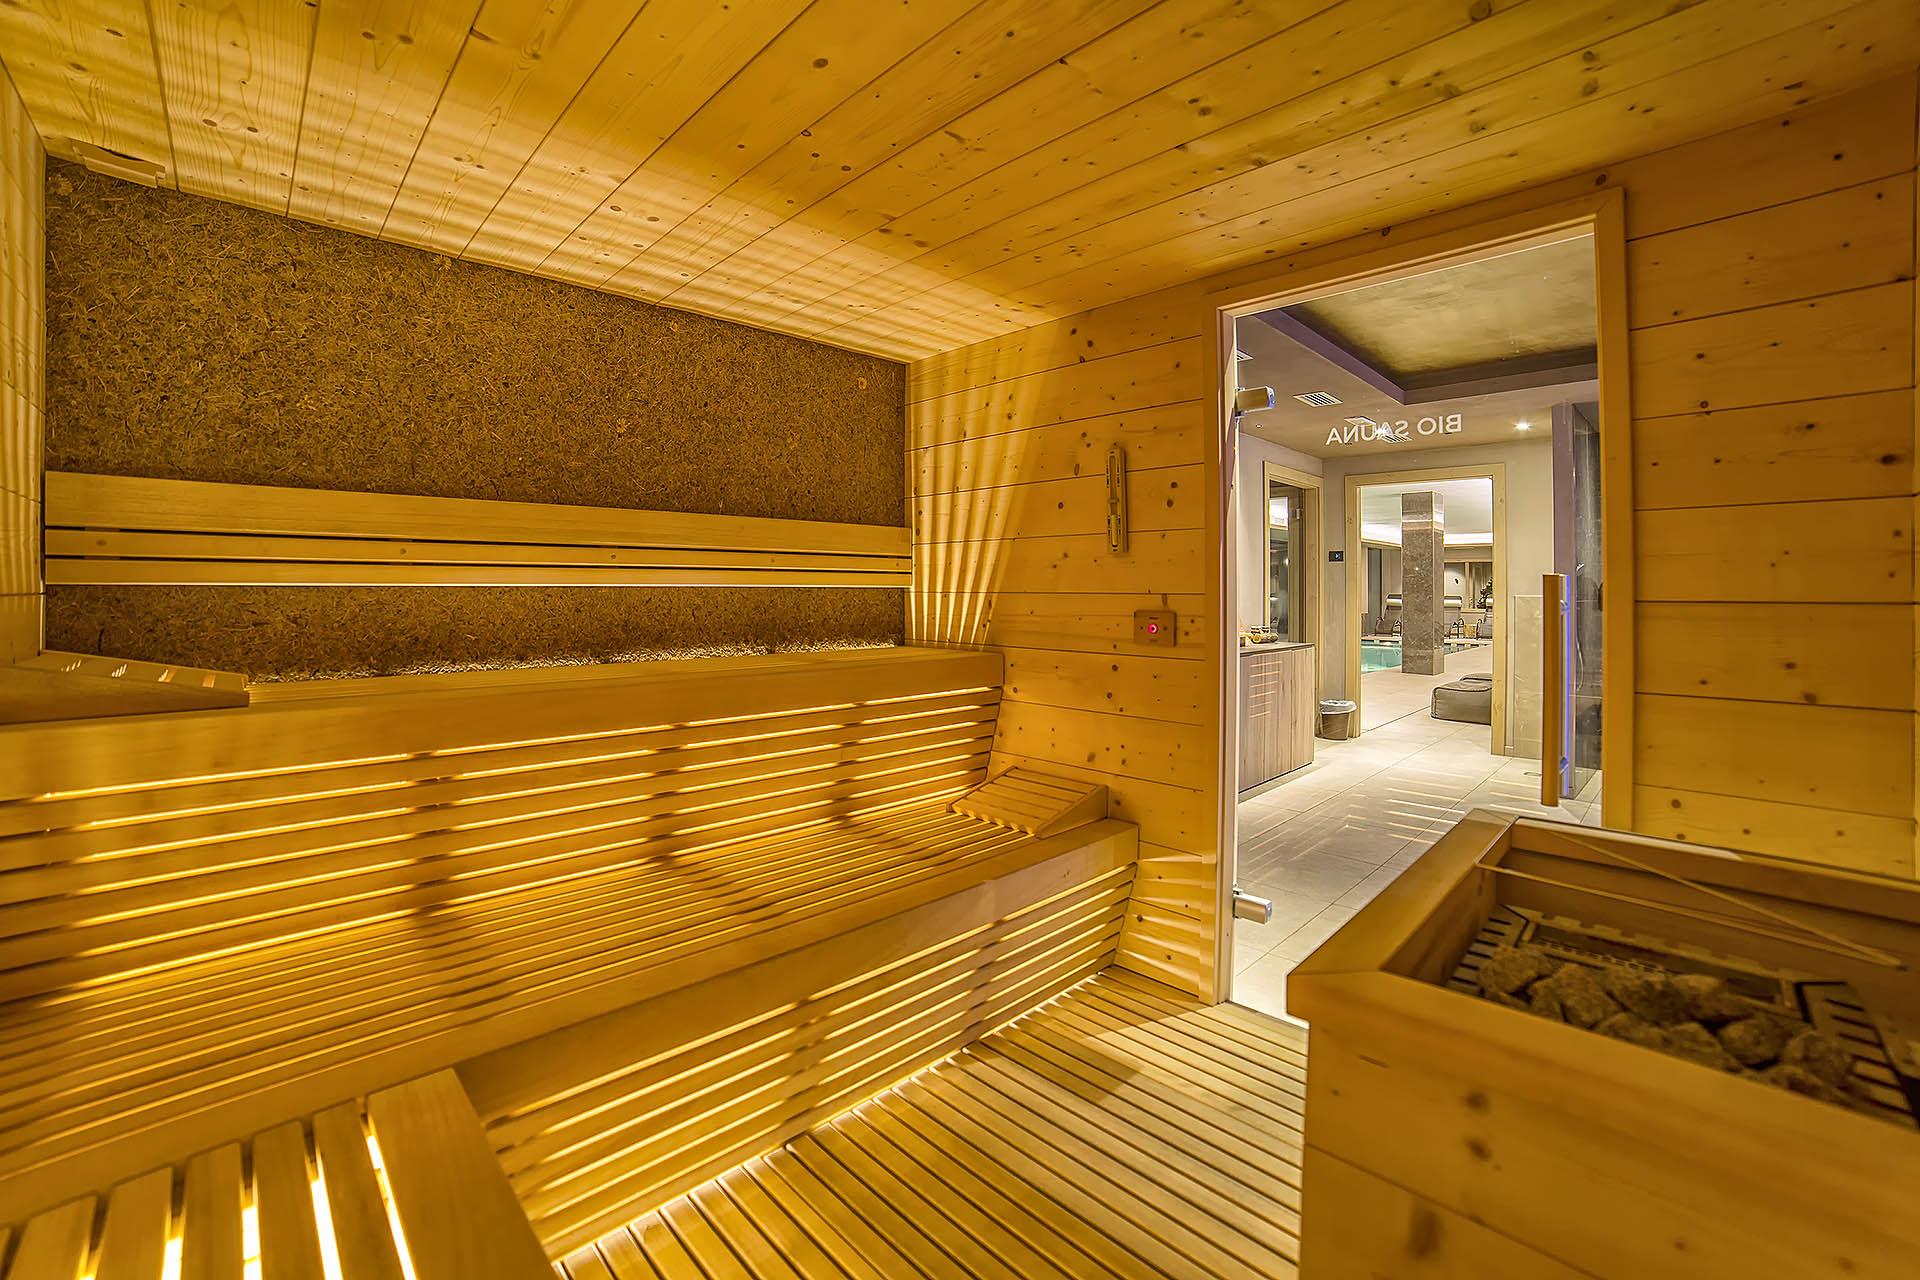 BIO SAUNA <br> ACTIVE HOTEL FRANCESIN - LIVIGNO